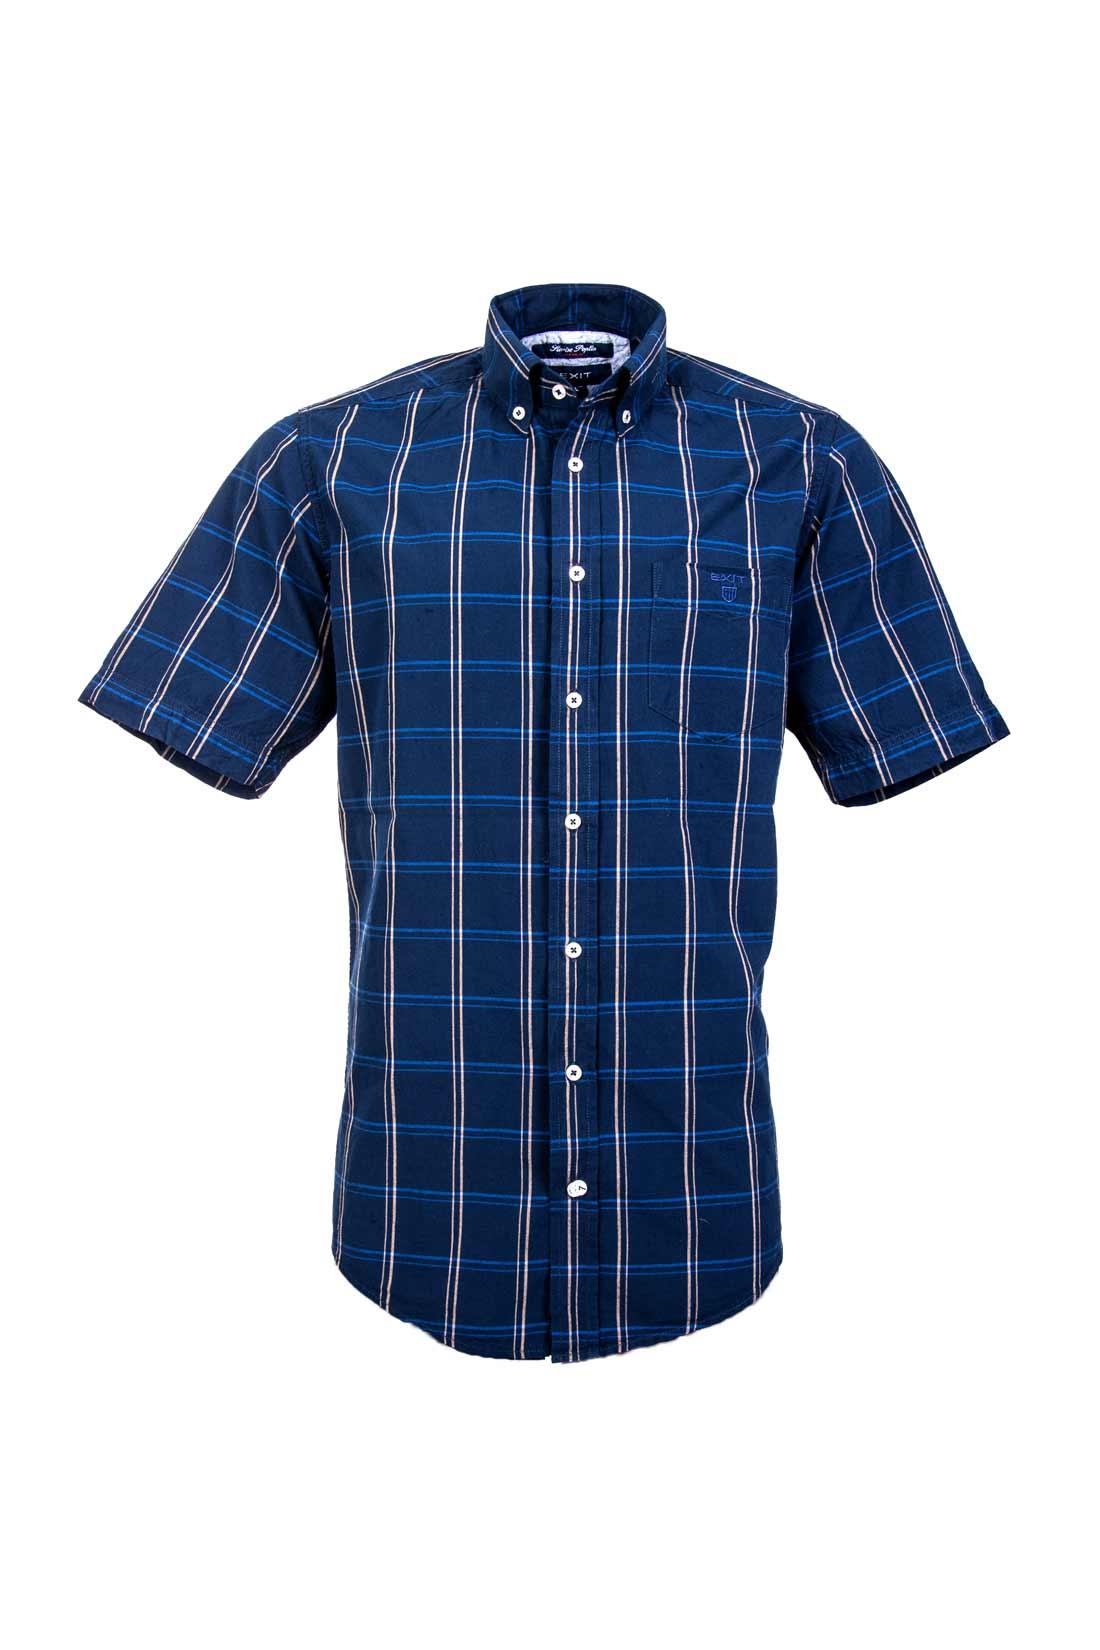 پیراهن کوتاه دو تکه پیراهن چهارخانه آستین کوتاه مردانهEXIT   فروشگاه اینترنتی ...